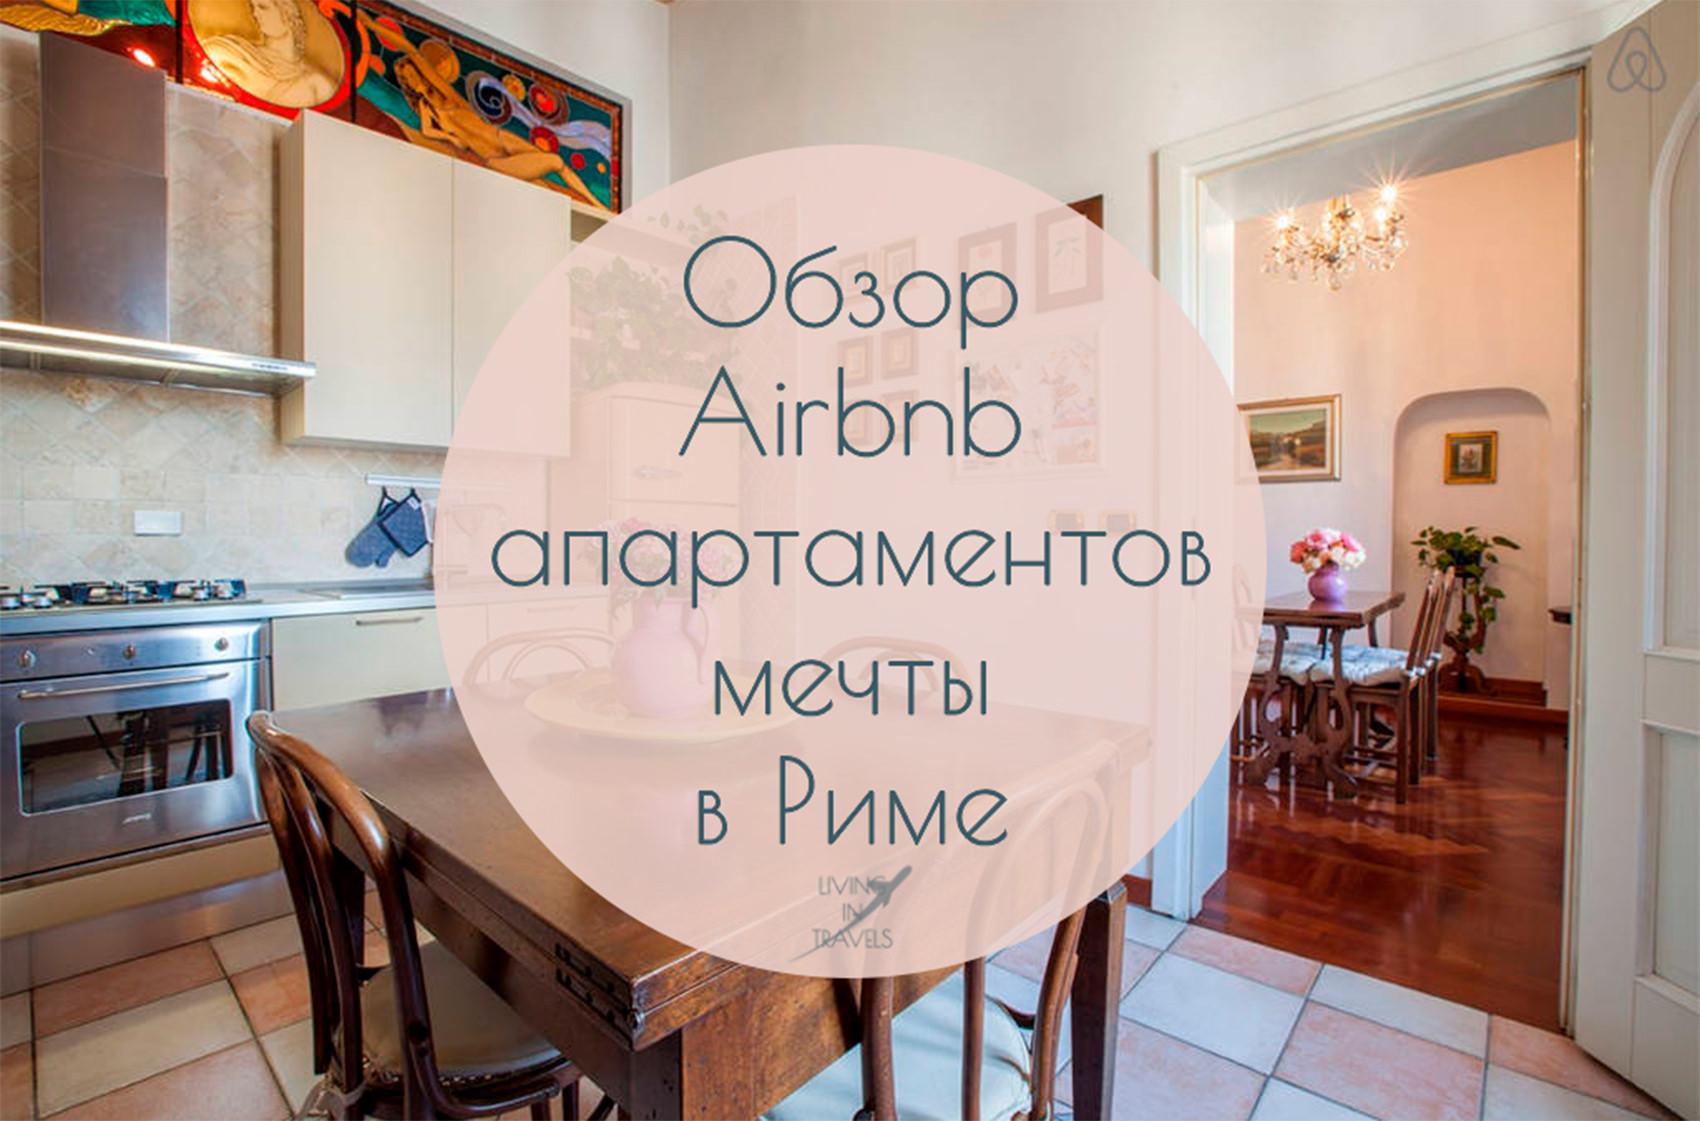 Обзор Airbnb апартаментов мечты в Риме